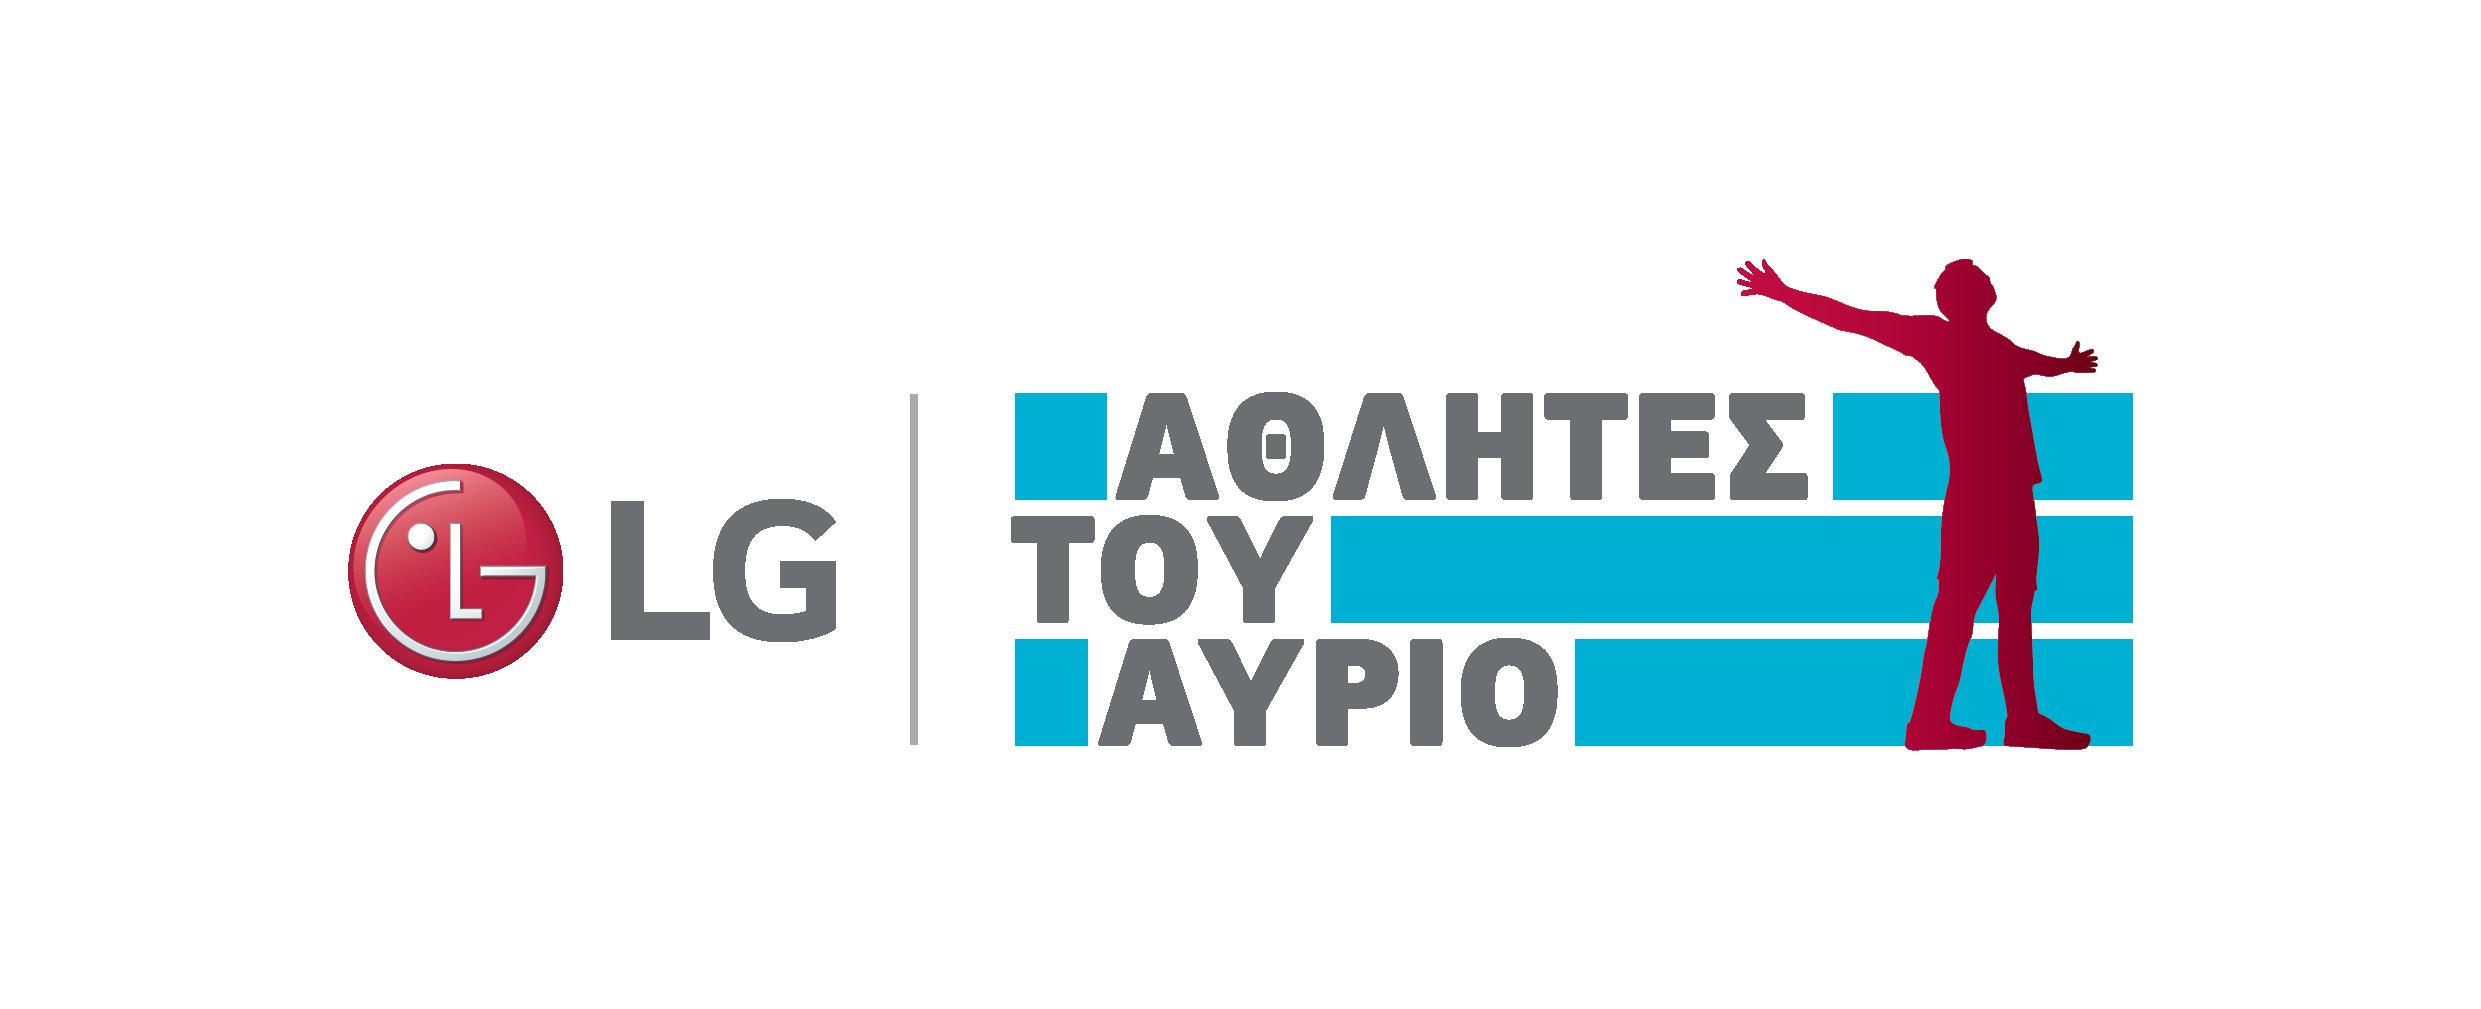 lg_athlites_toy_ayrio_logo_1.png